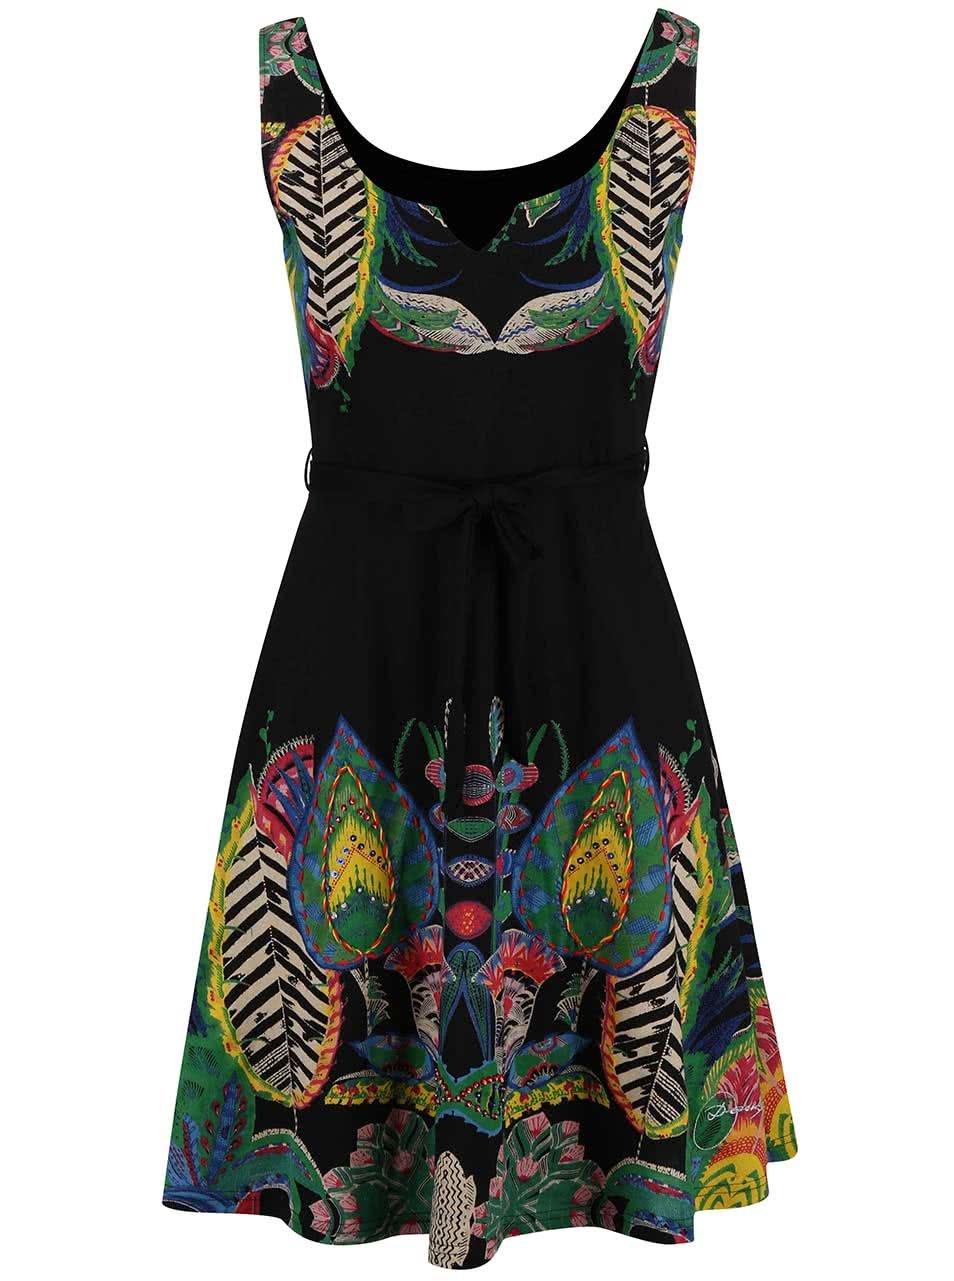 Černé šaty s barevnými vzory Desigual Sandra ... 597b5b6db7